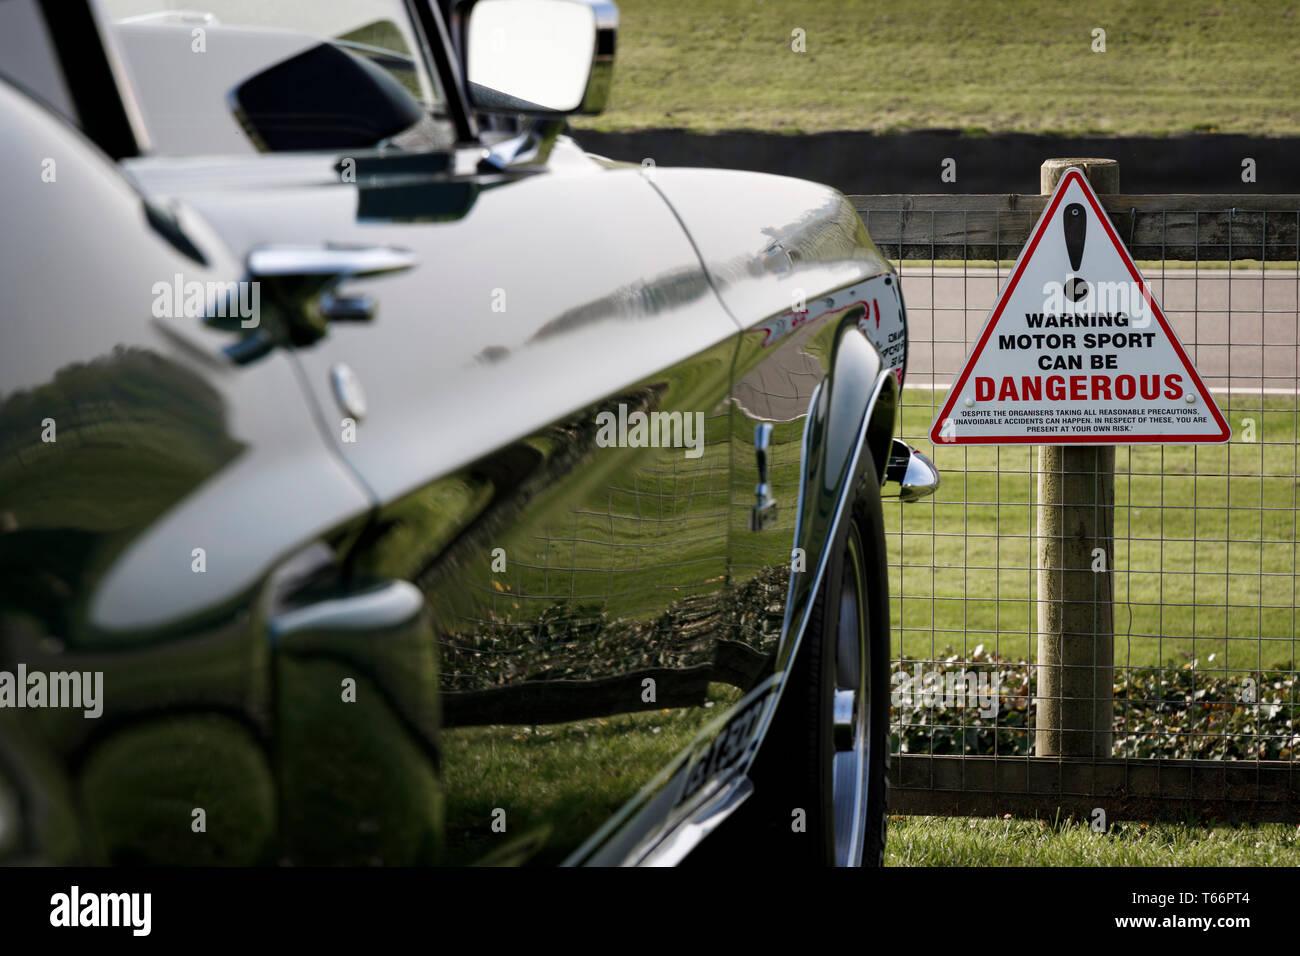 Avvertenza Motor Sport può essere pericoloso segno sulla recinzione di terra lungo il rettilineo Lavant area di visualizzazione al 77th Goodwood GRRC Assemblea dei Soci, REGNO UNITO Immagini Stock